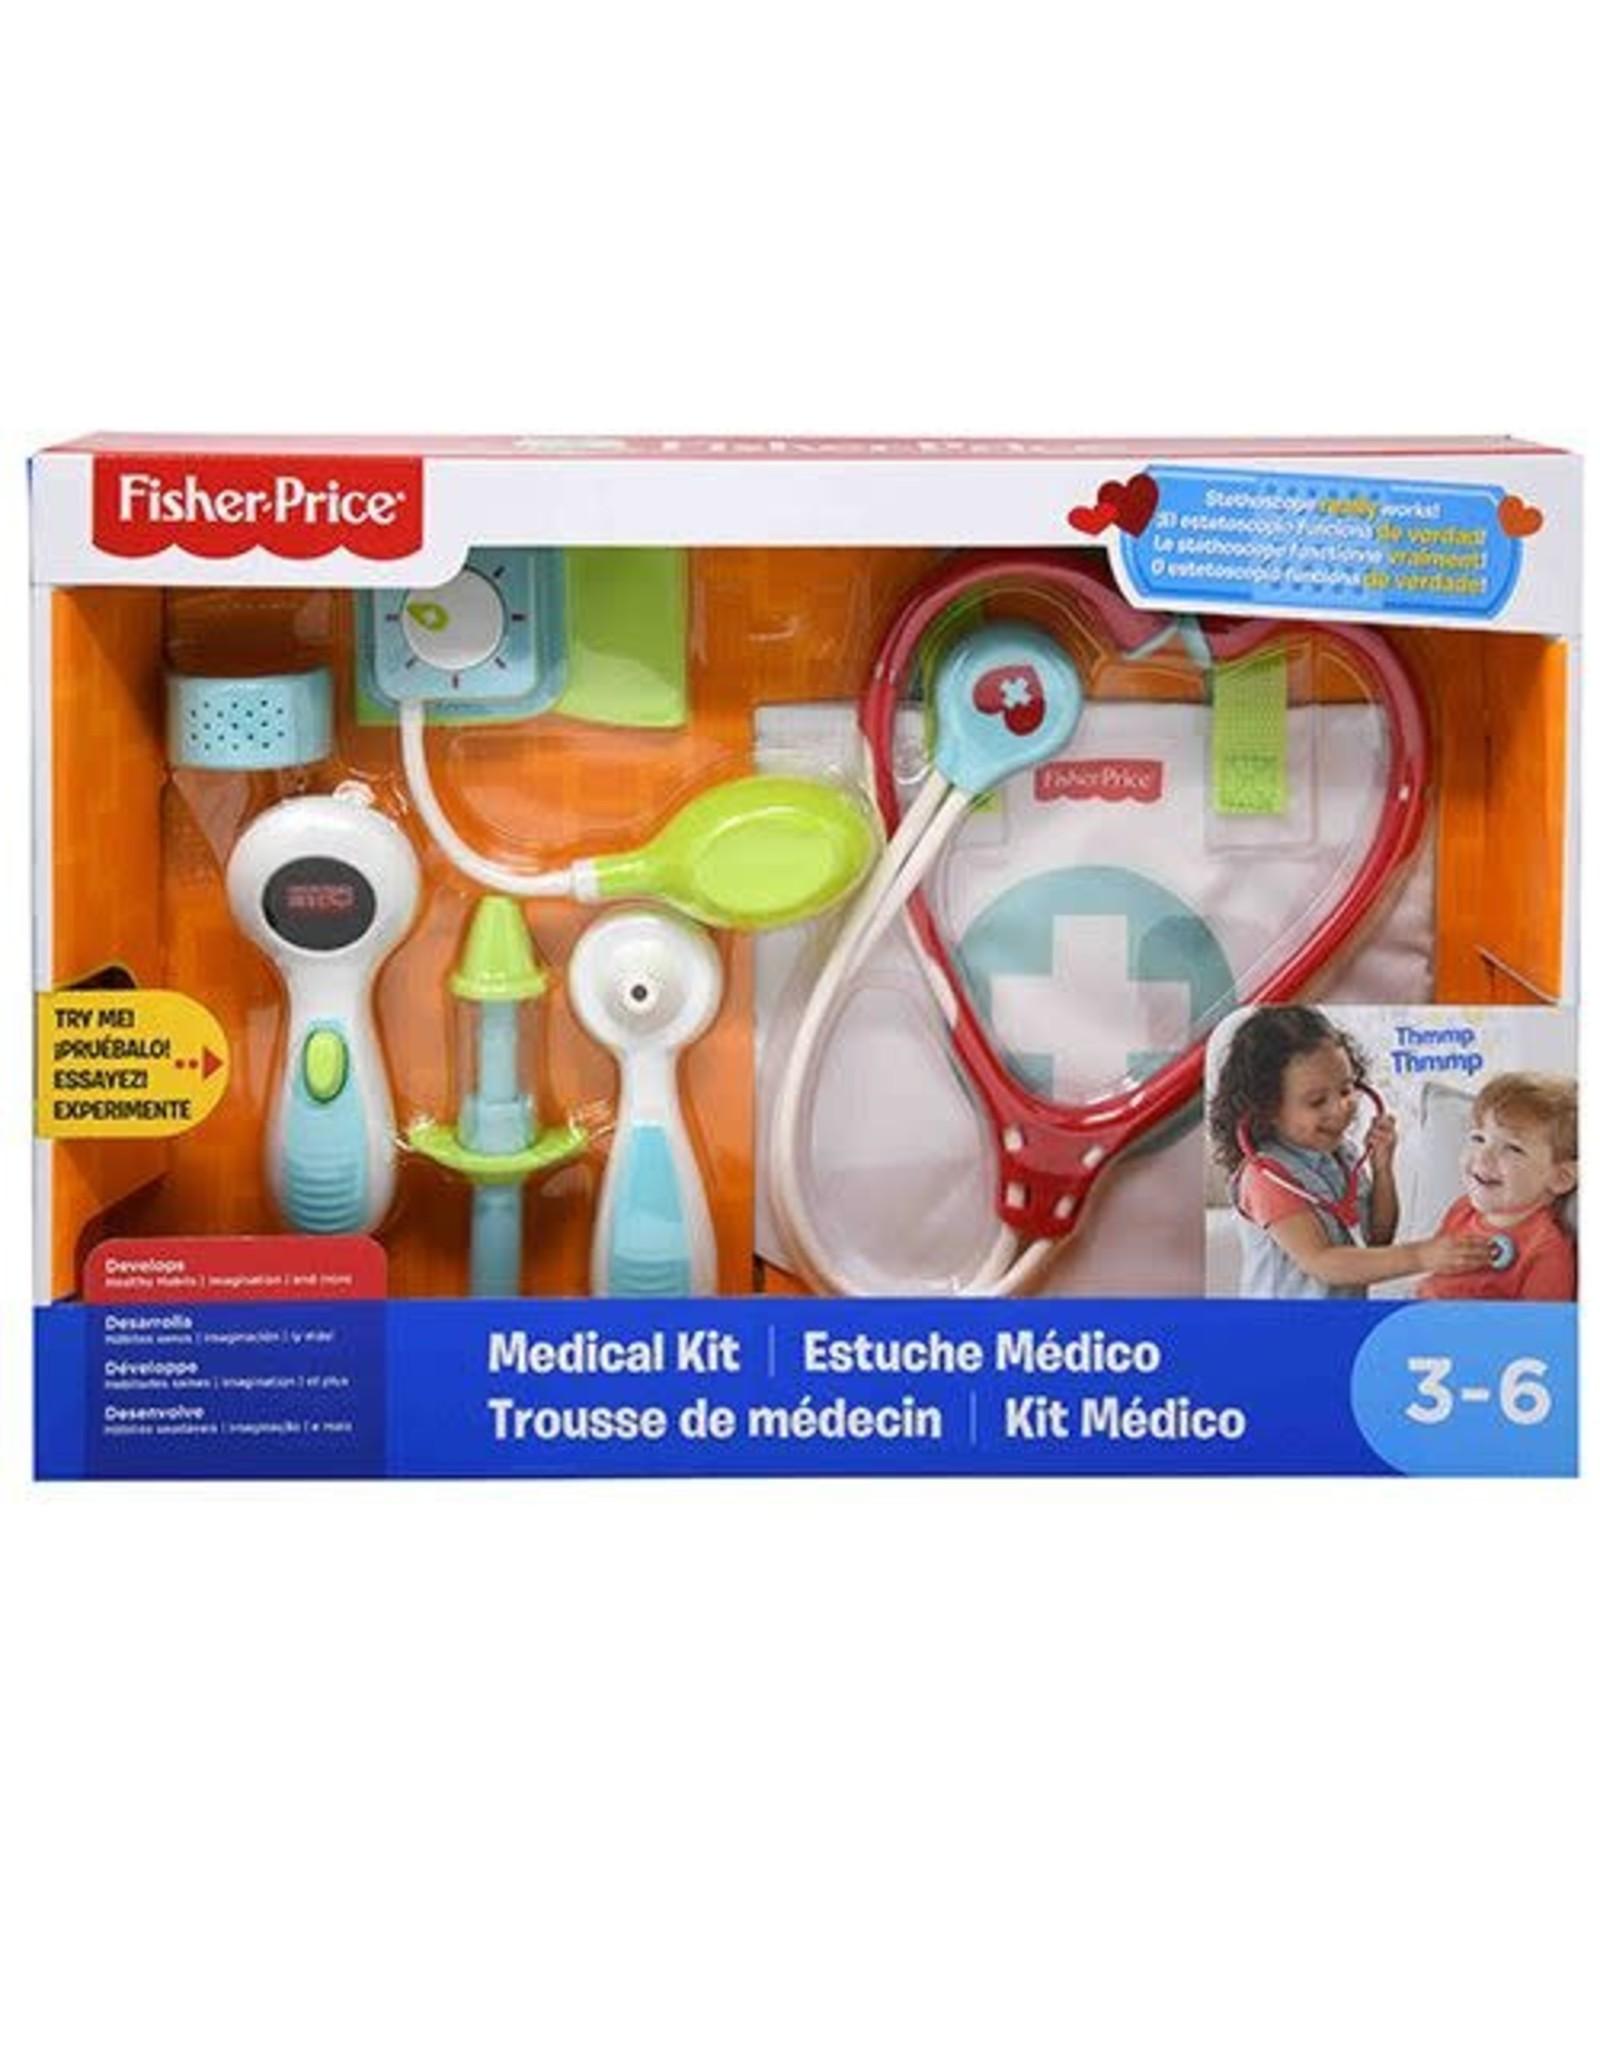 Fisher Price Fisher Price Medical Kit